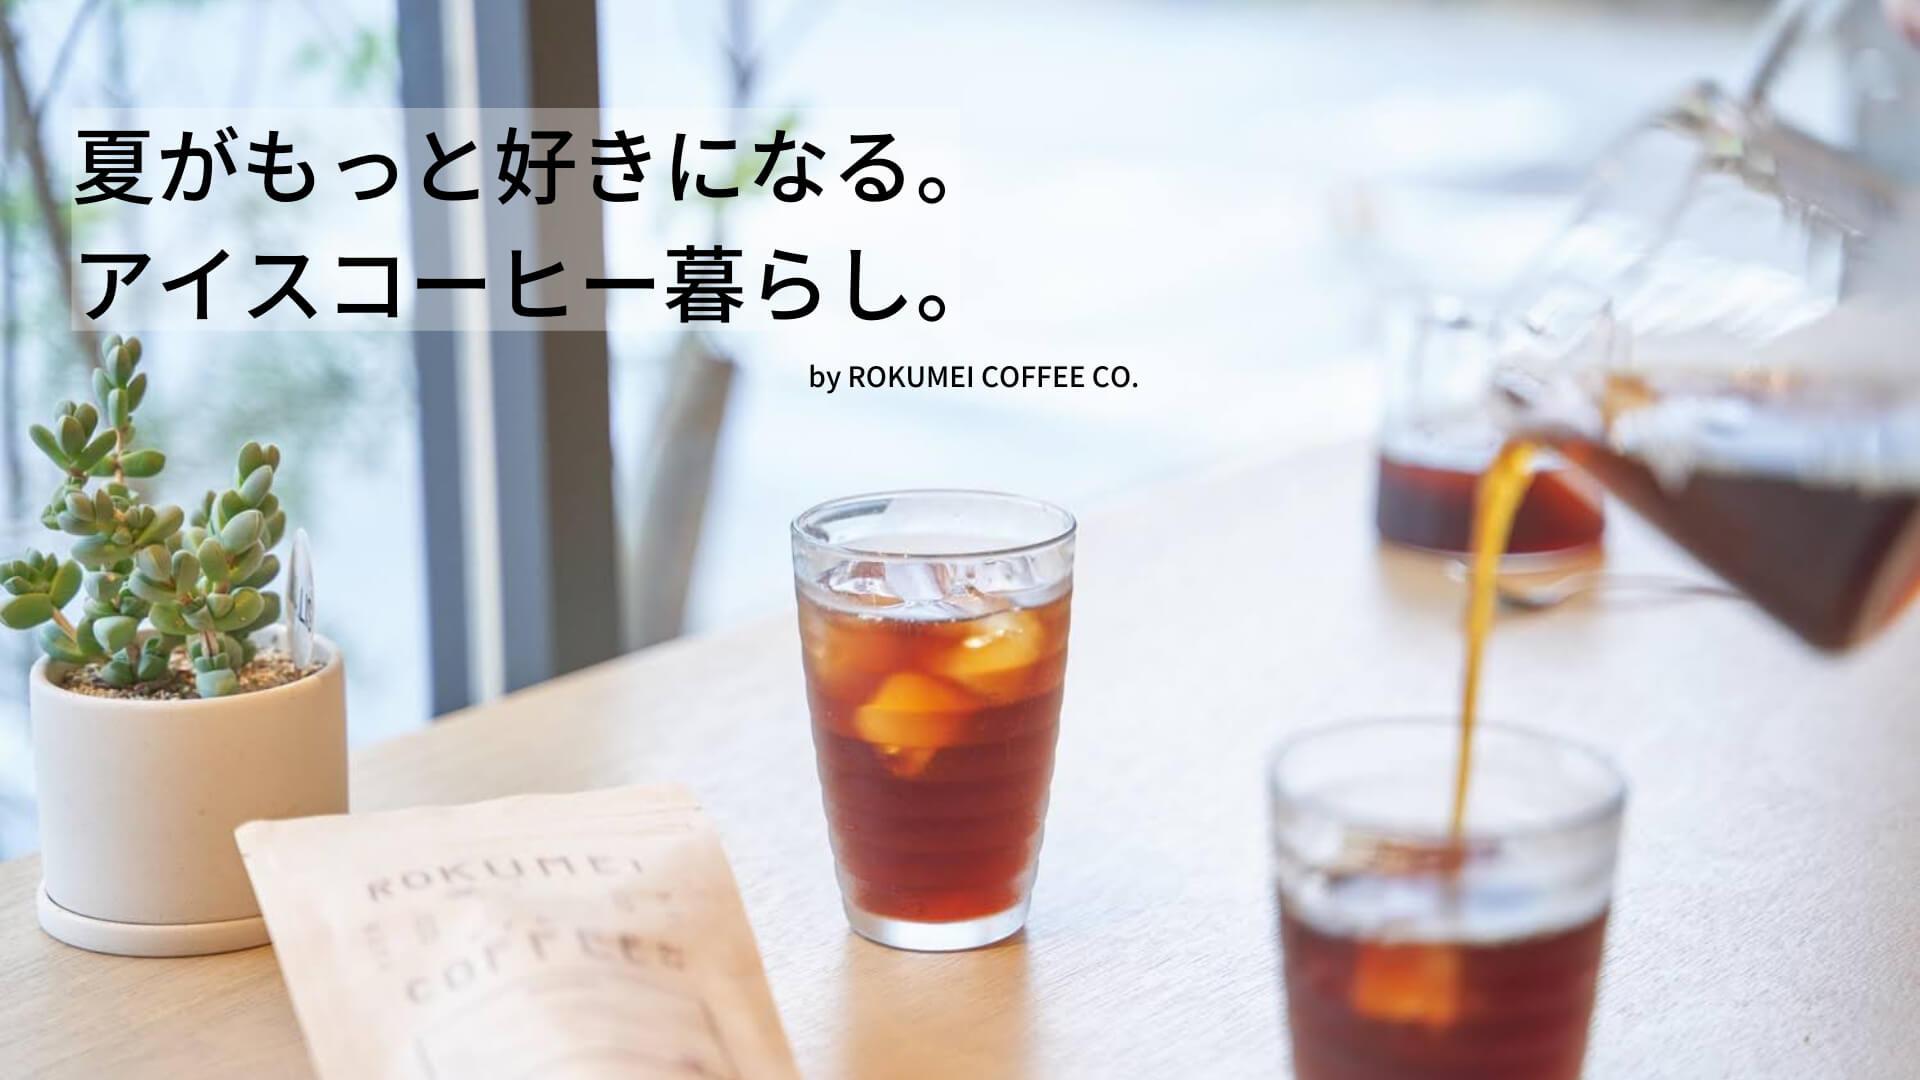 ロクメイコーヒーのアイスコーヒー特集2021年